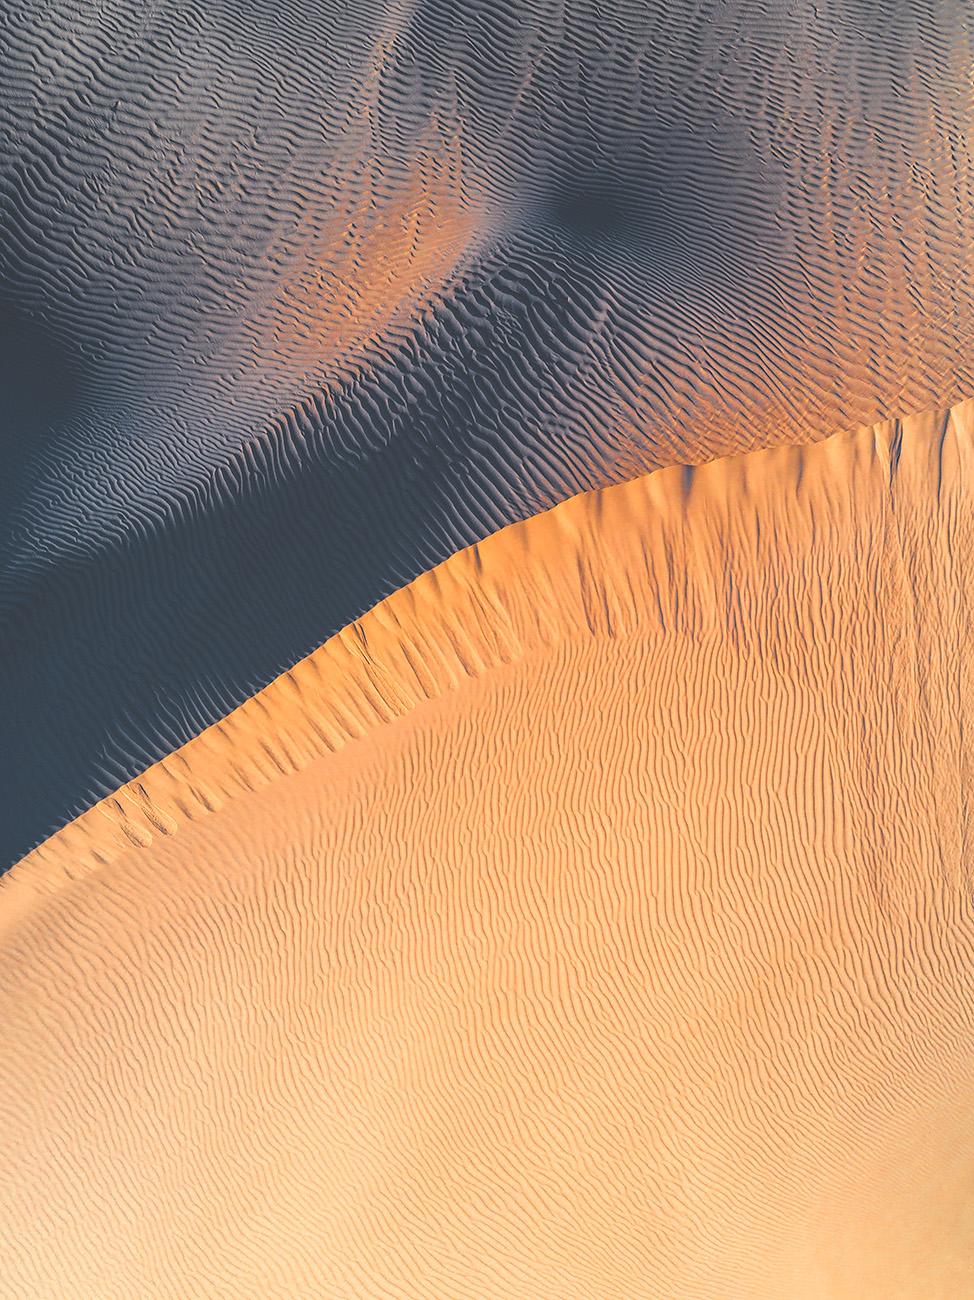 Dunes_Krautgartner_10.jpg